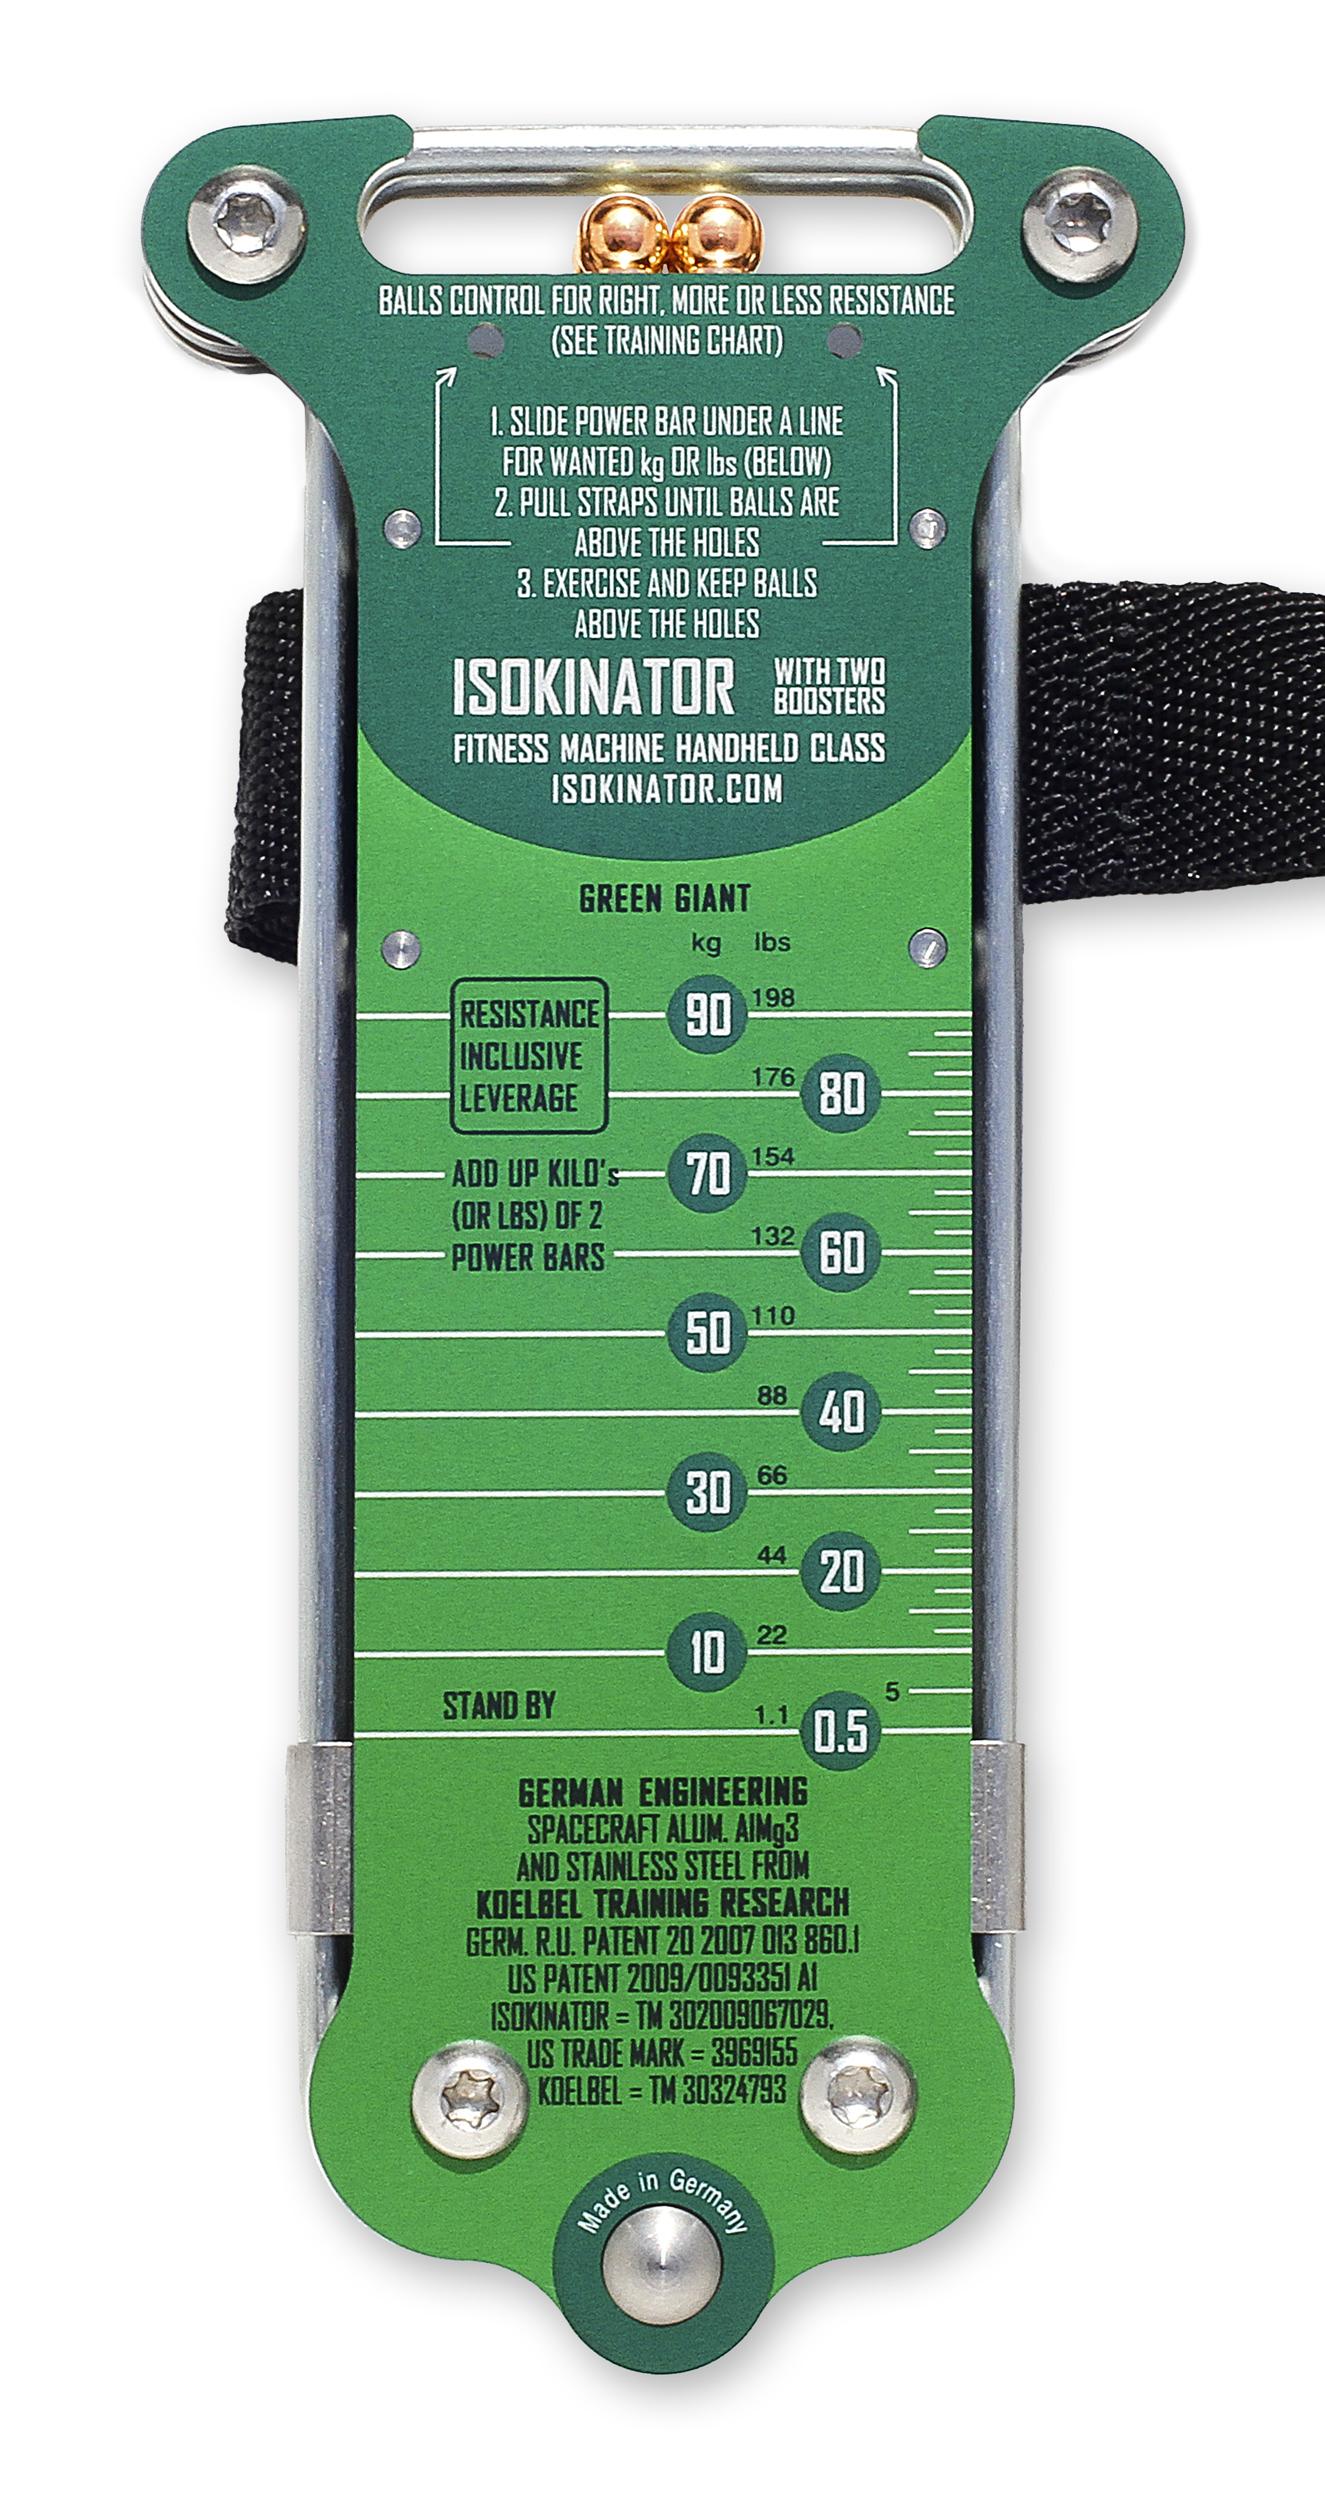 Isokinator-Green-Giant-2019-Anschnitt